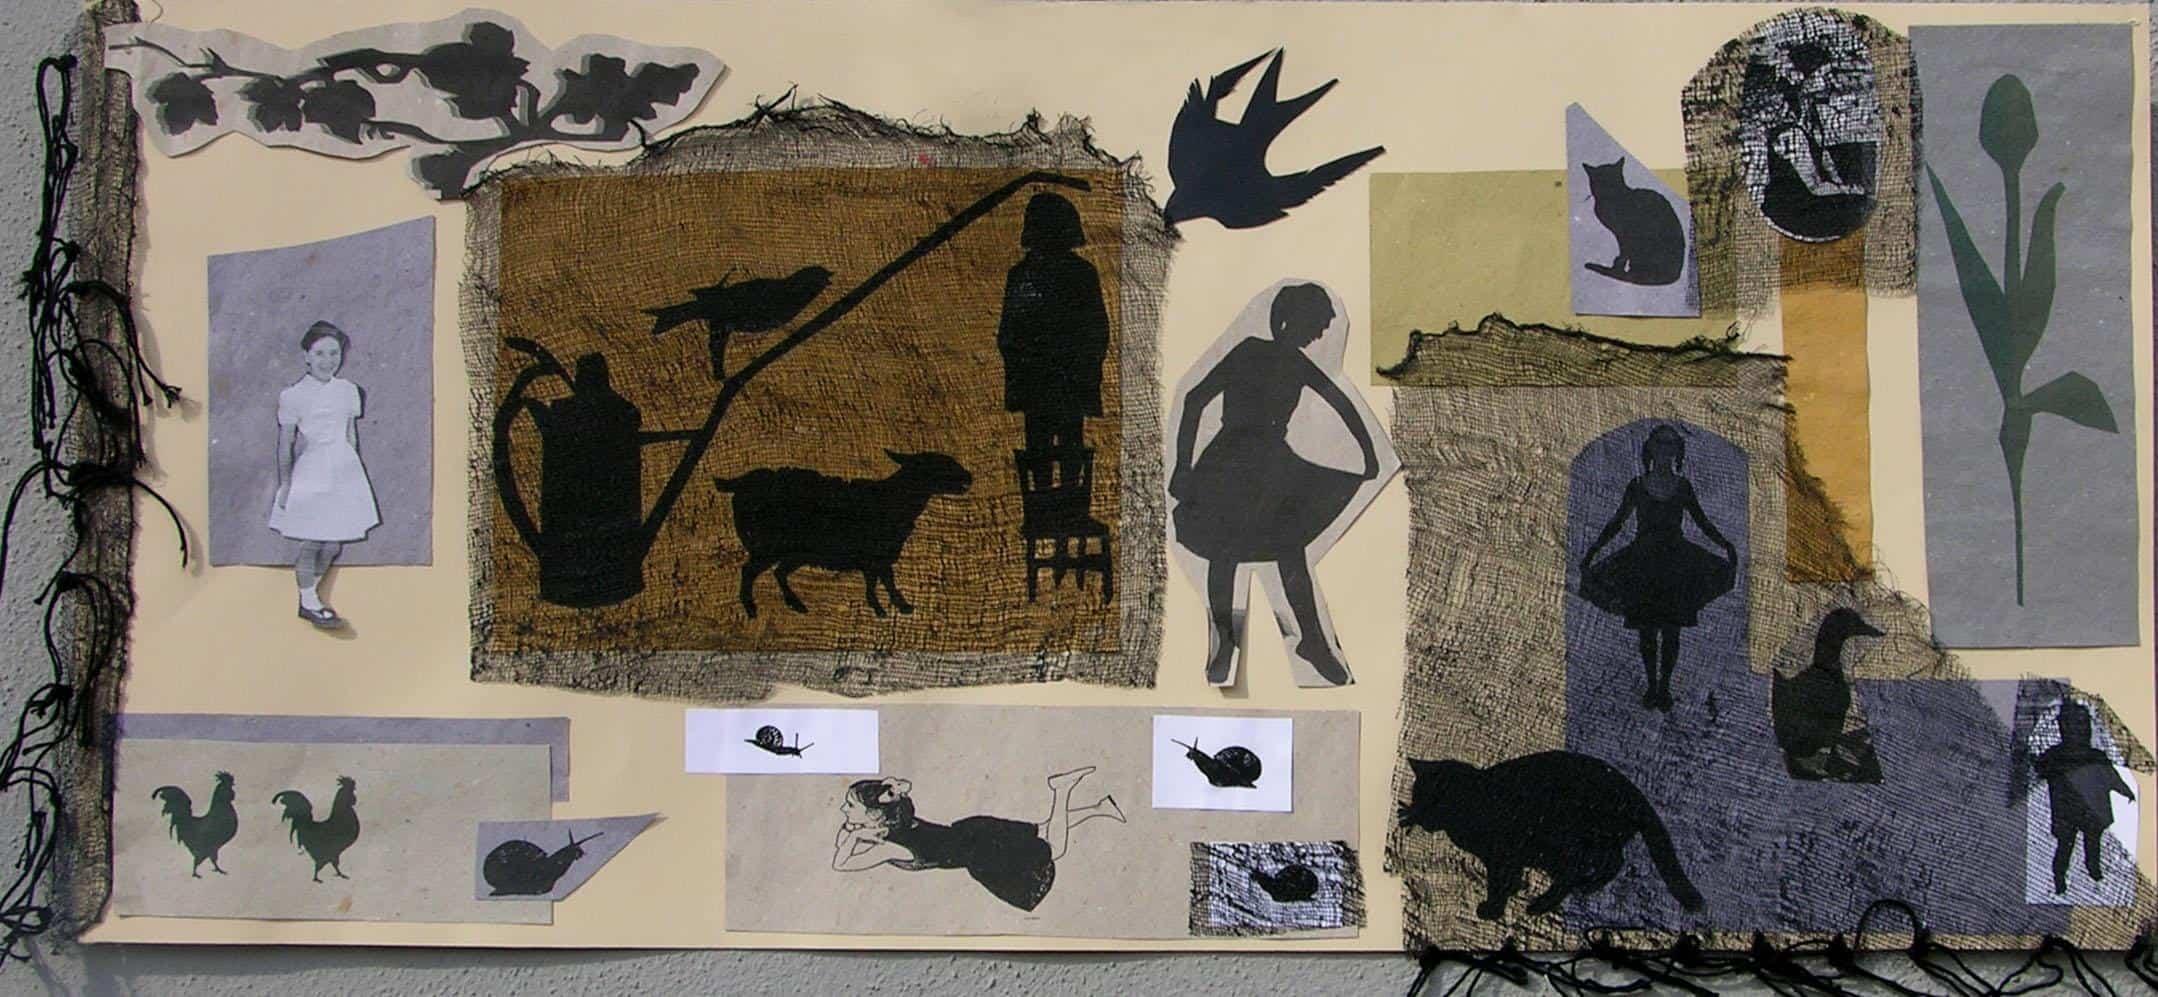 """A L'Aquila l'inaugurazione della """"One Gallery"""" con la mostra """"Il soffio del tempo"""" dell'artista marsicana Lea Contestabile e di Carola Masini"""